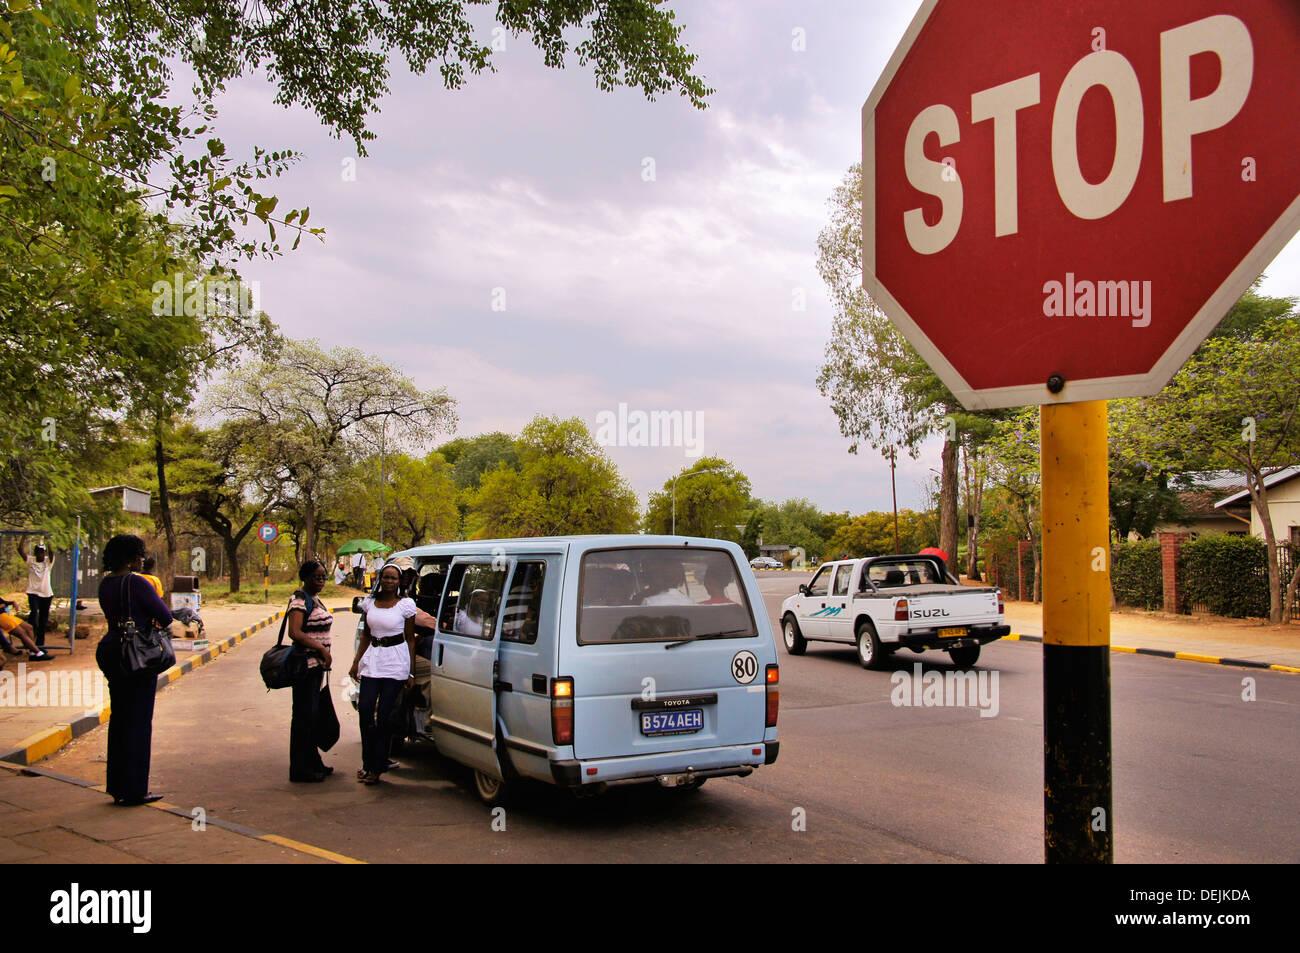 Minibuses transport, at Gaborone, Botswana - Stock Image